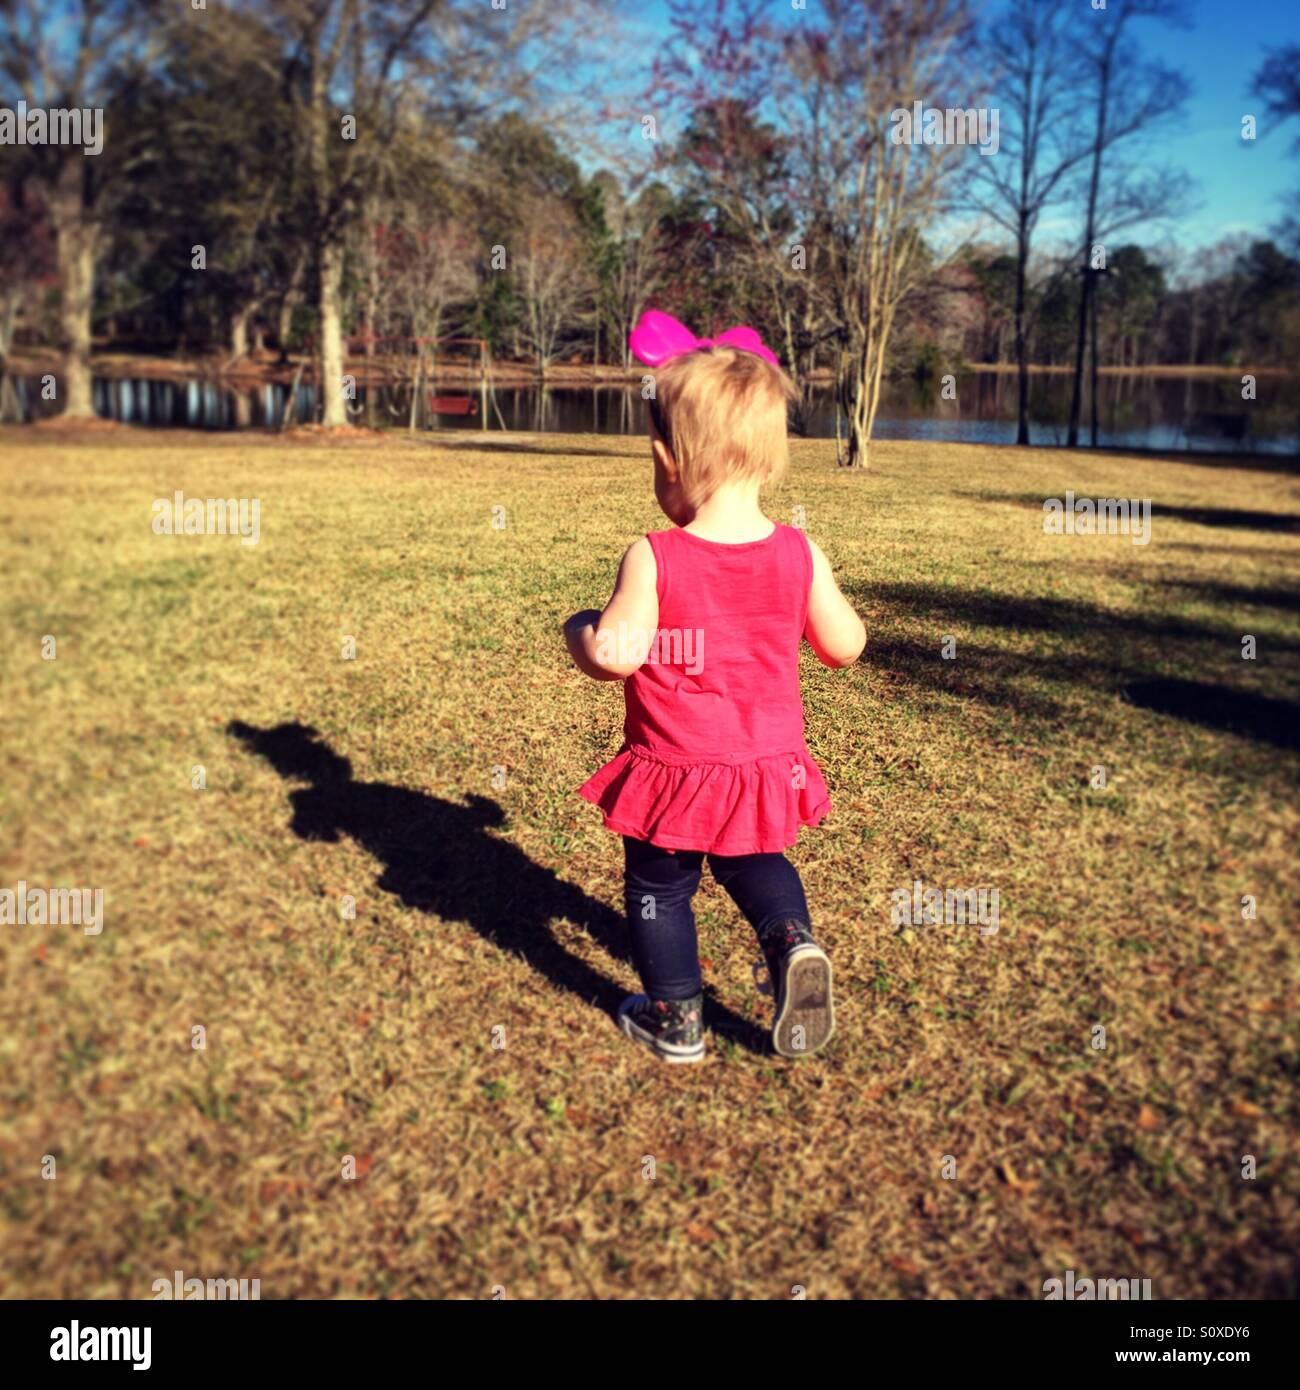 Babymädchen außerhalb jagen Schatten Stockfoto